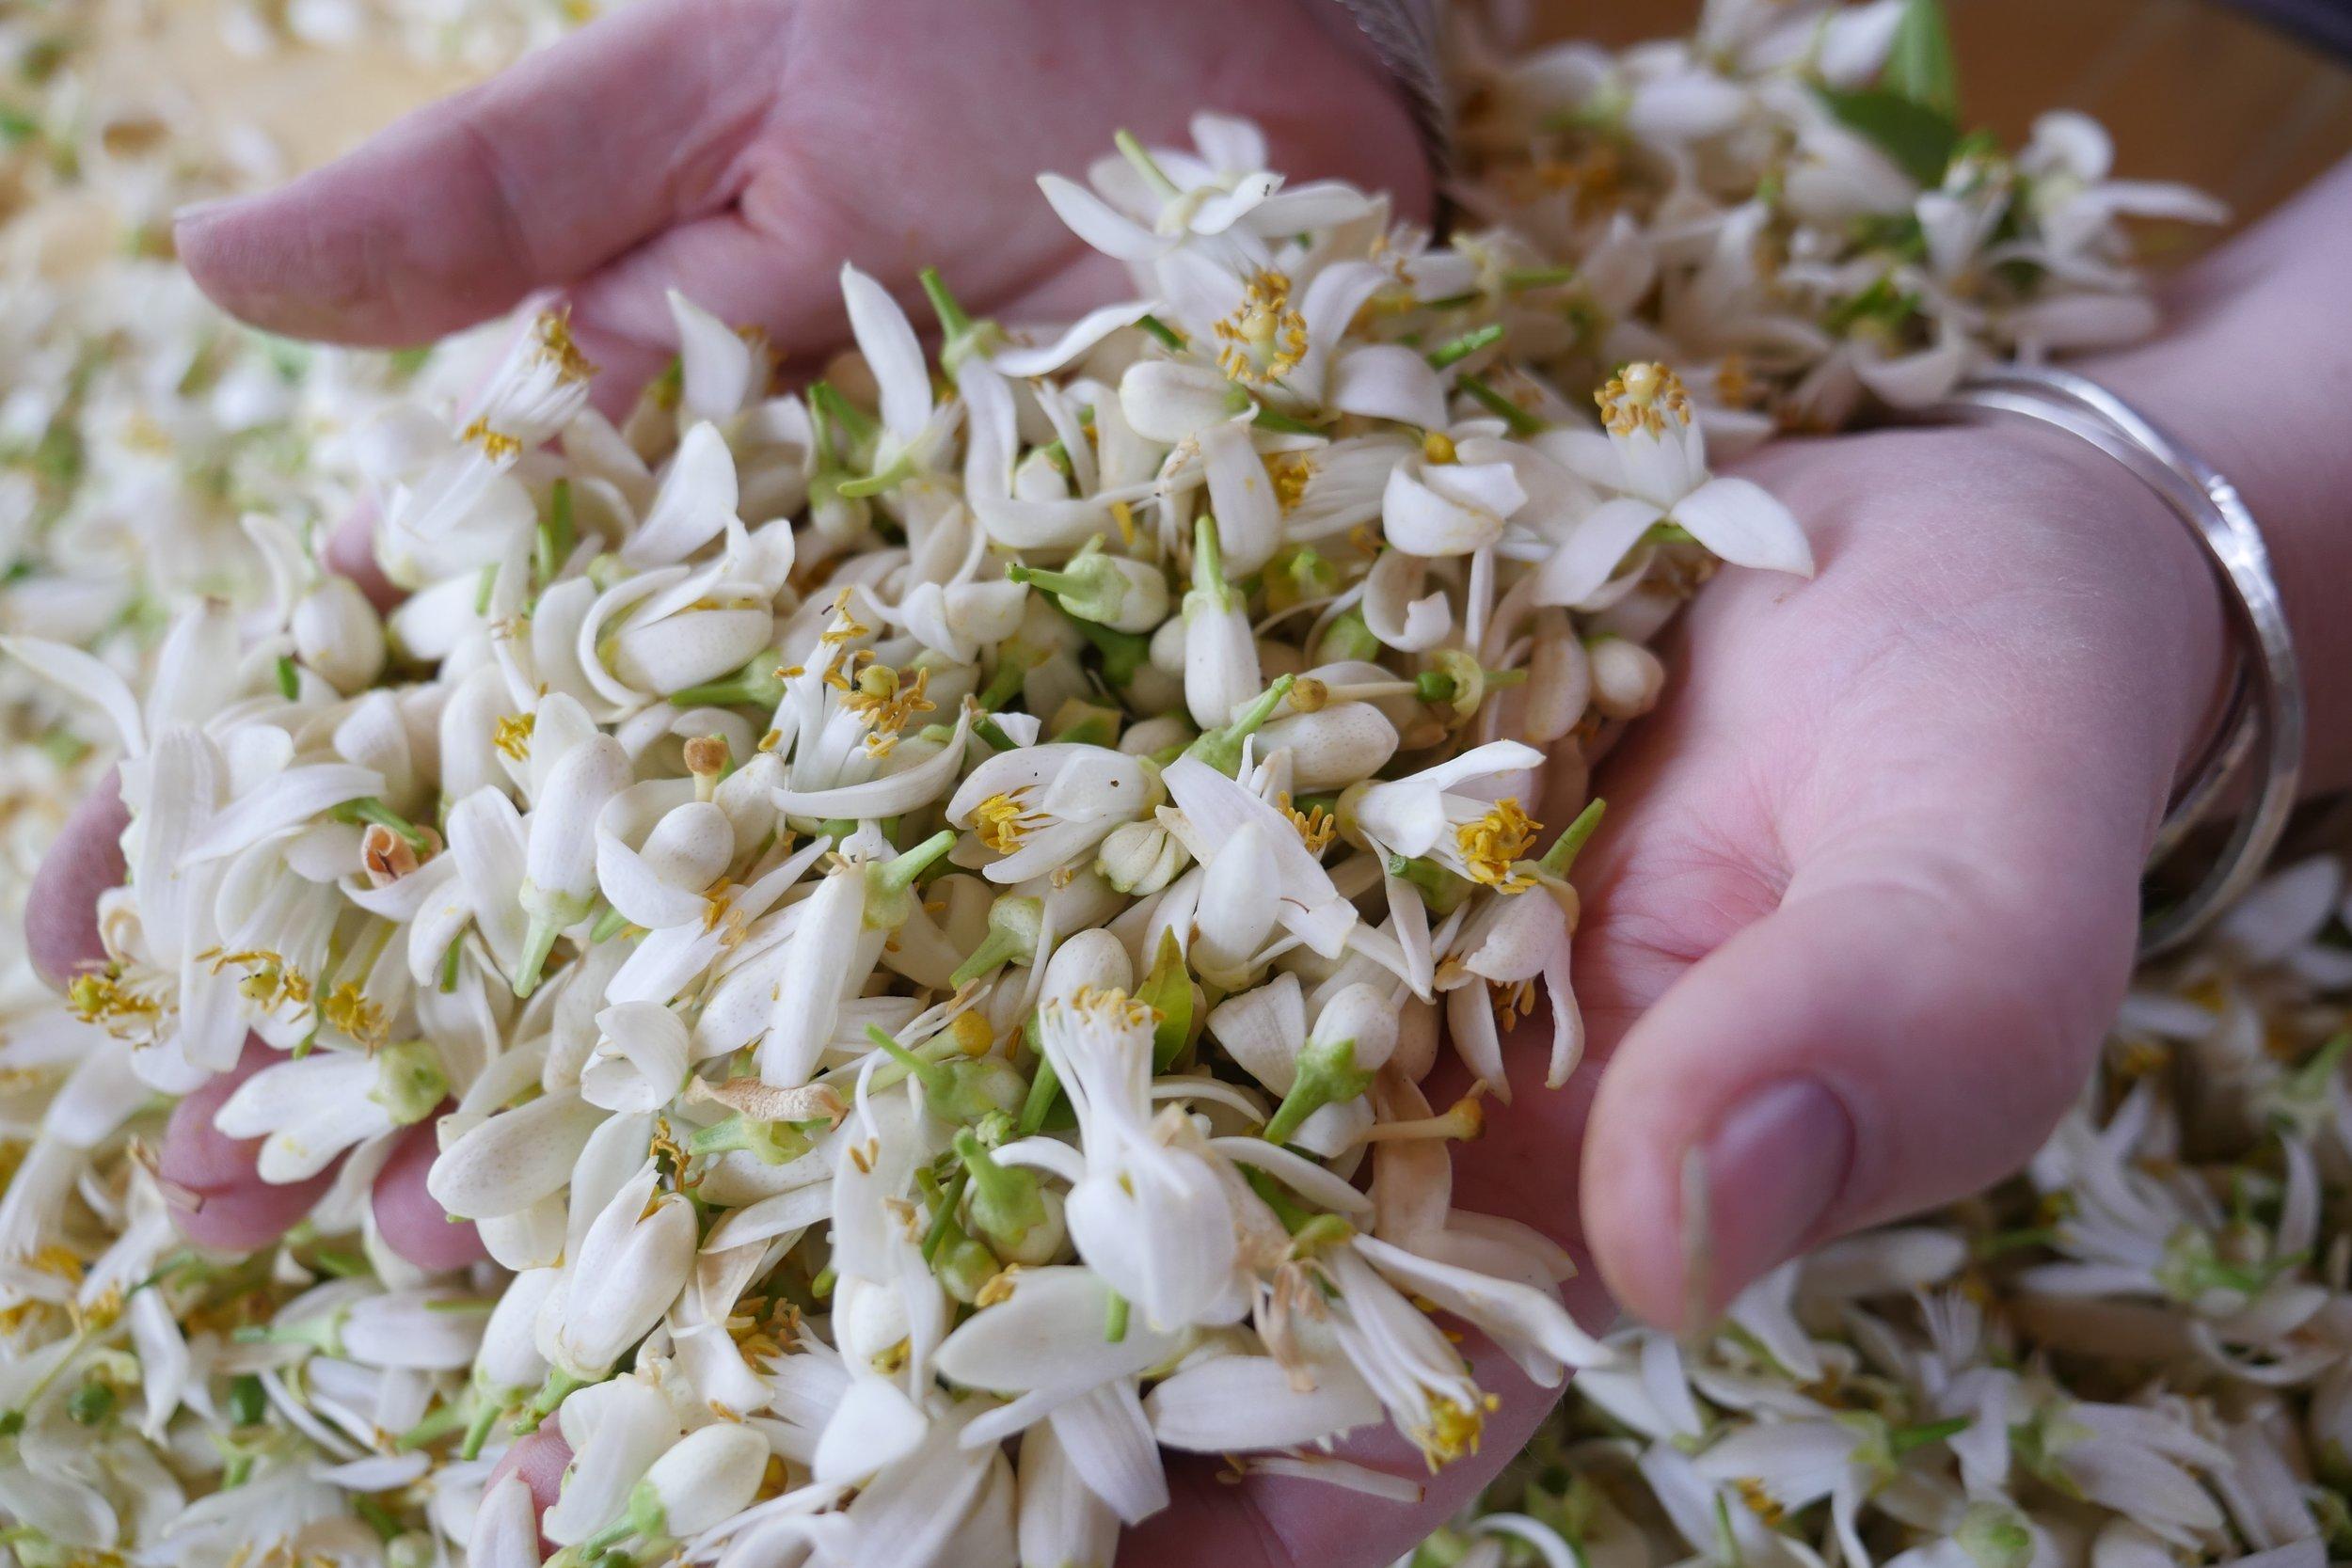 fresh blossom in hands.jpg